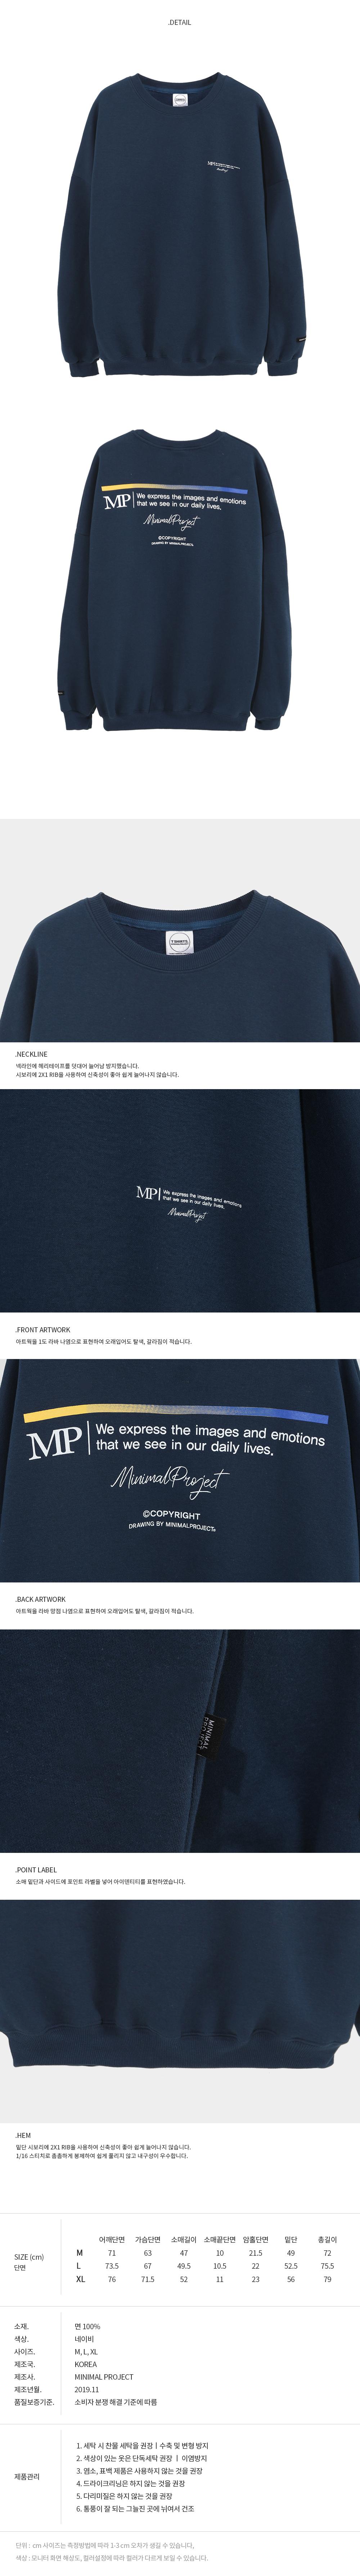 mmt109-nv-3.jpg